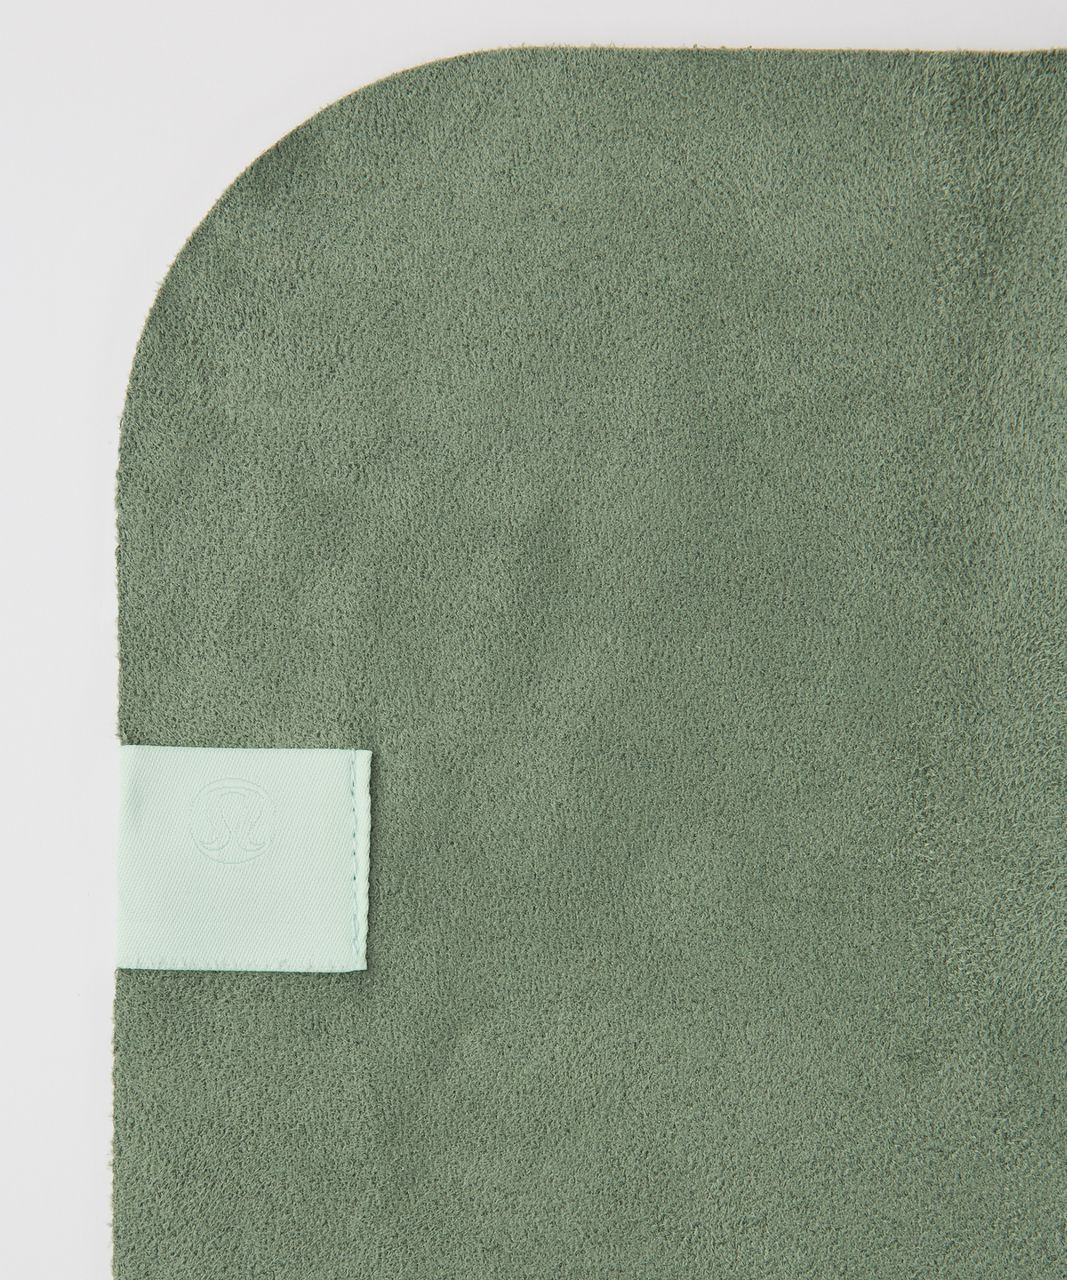 Lululemon The (Small) Towel - Desert Olive / Sea Mist / Sea Mist